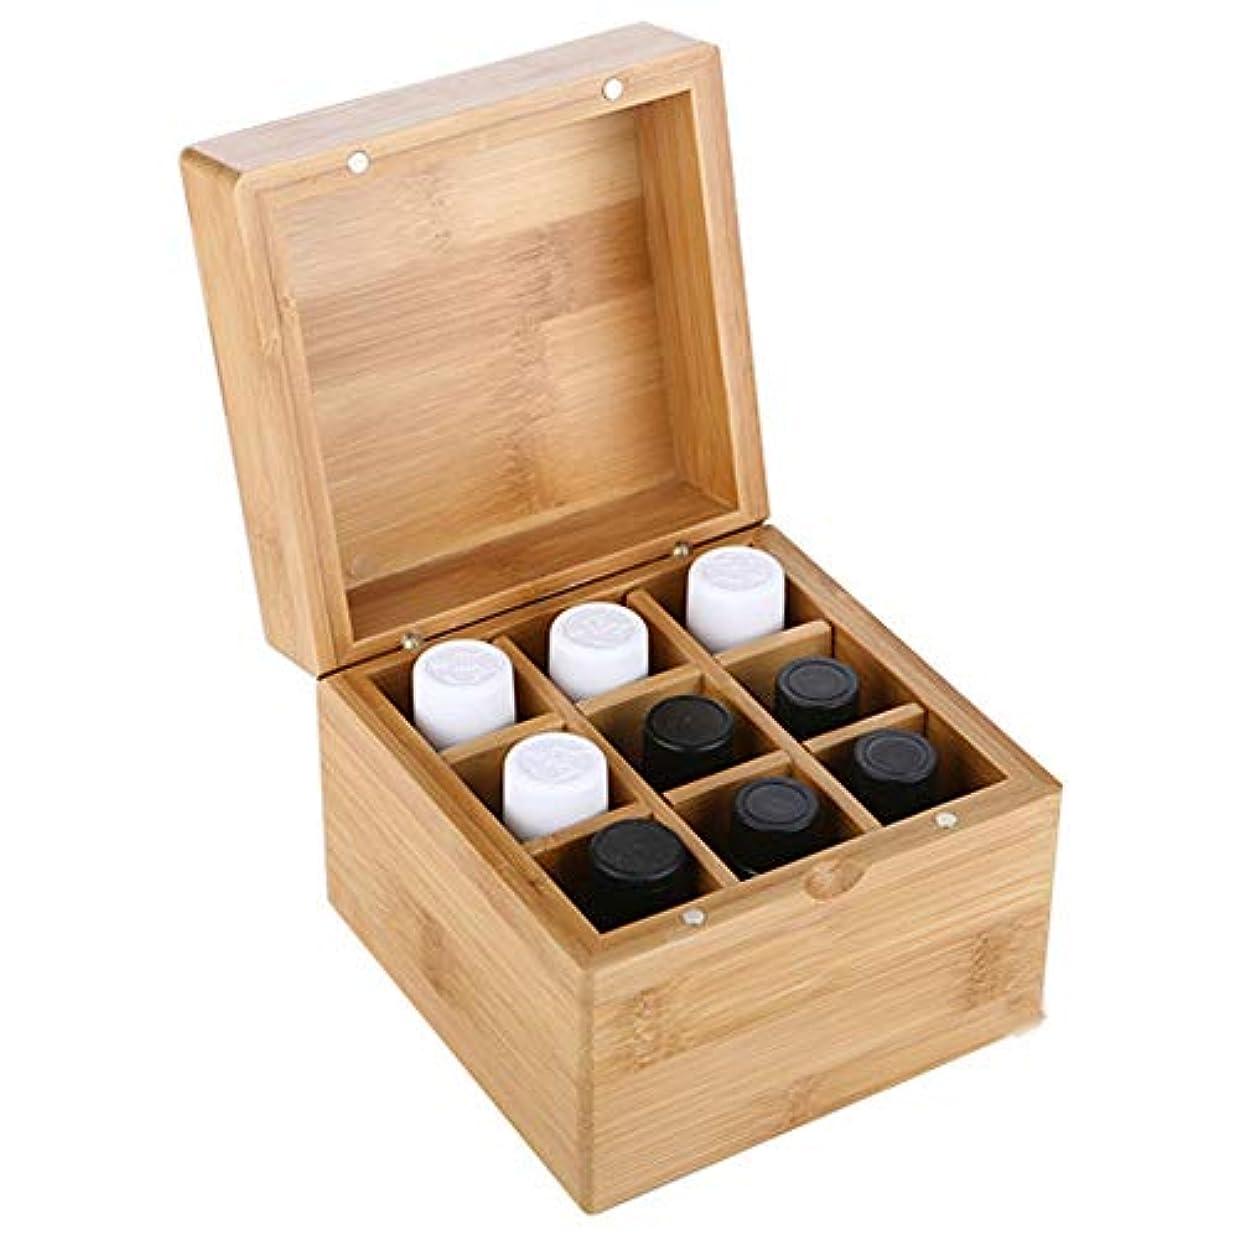 熟練した極めてスクレーパー9スロットエッセンシャルオイルボックス木製収納ケースは、あなたの油安全保護さを保つ保護します アロマセラピー製品 (色 : Natural, サイズ : 11.5X11.5X8.3CM)